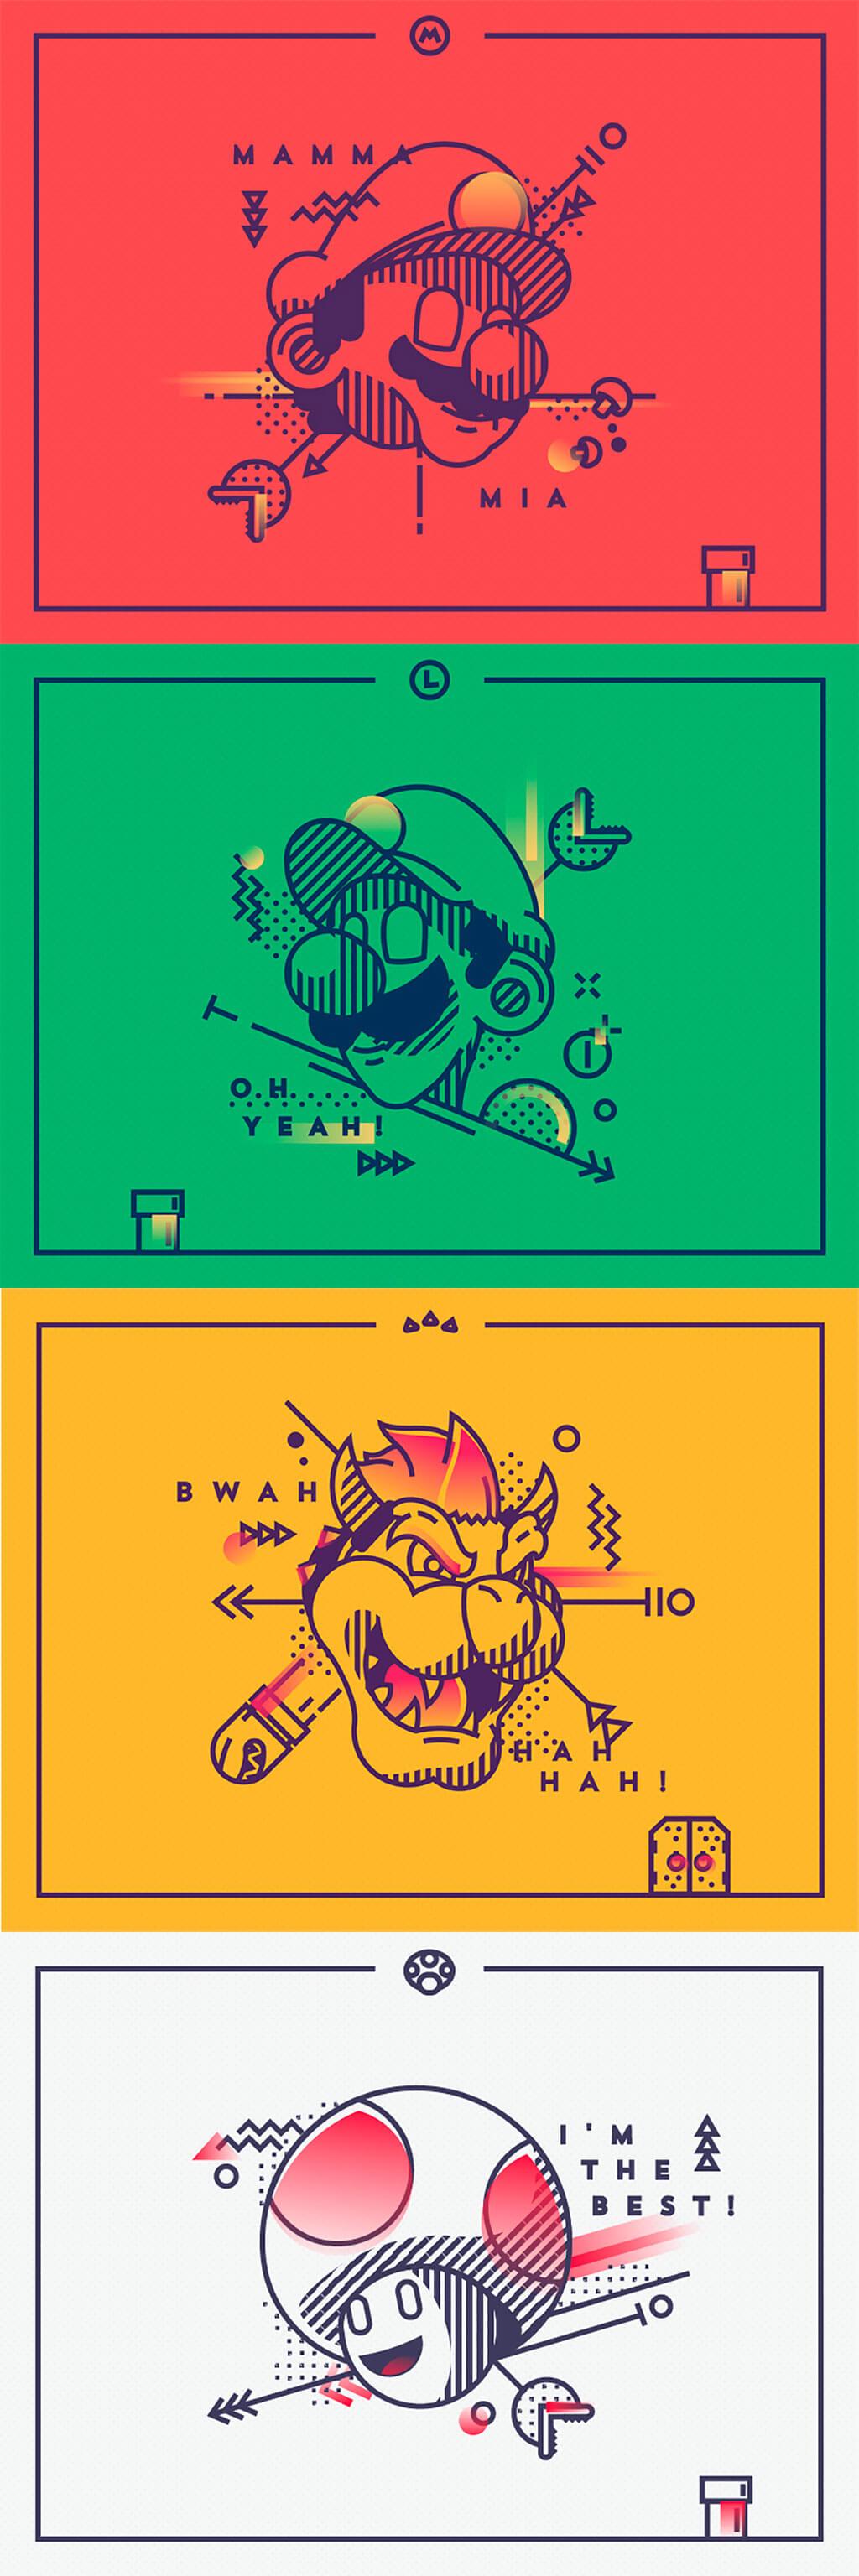 Mario Fan Art by Tsuriel